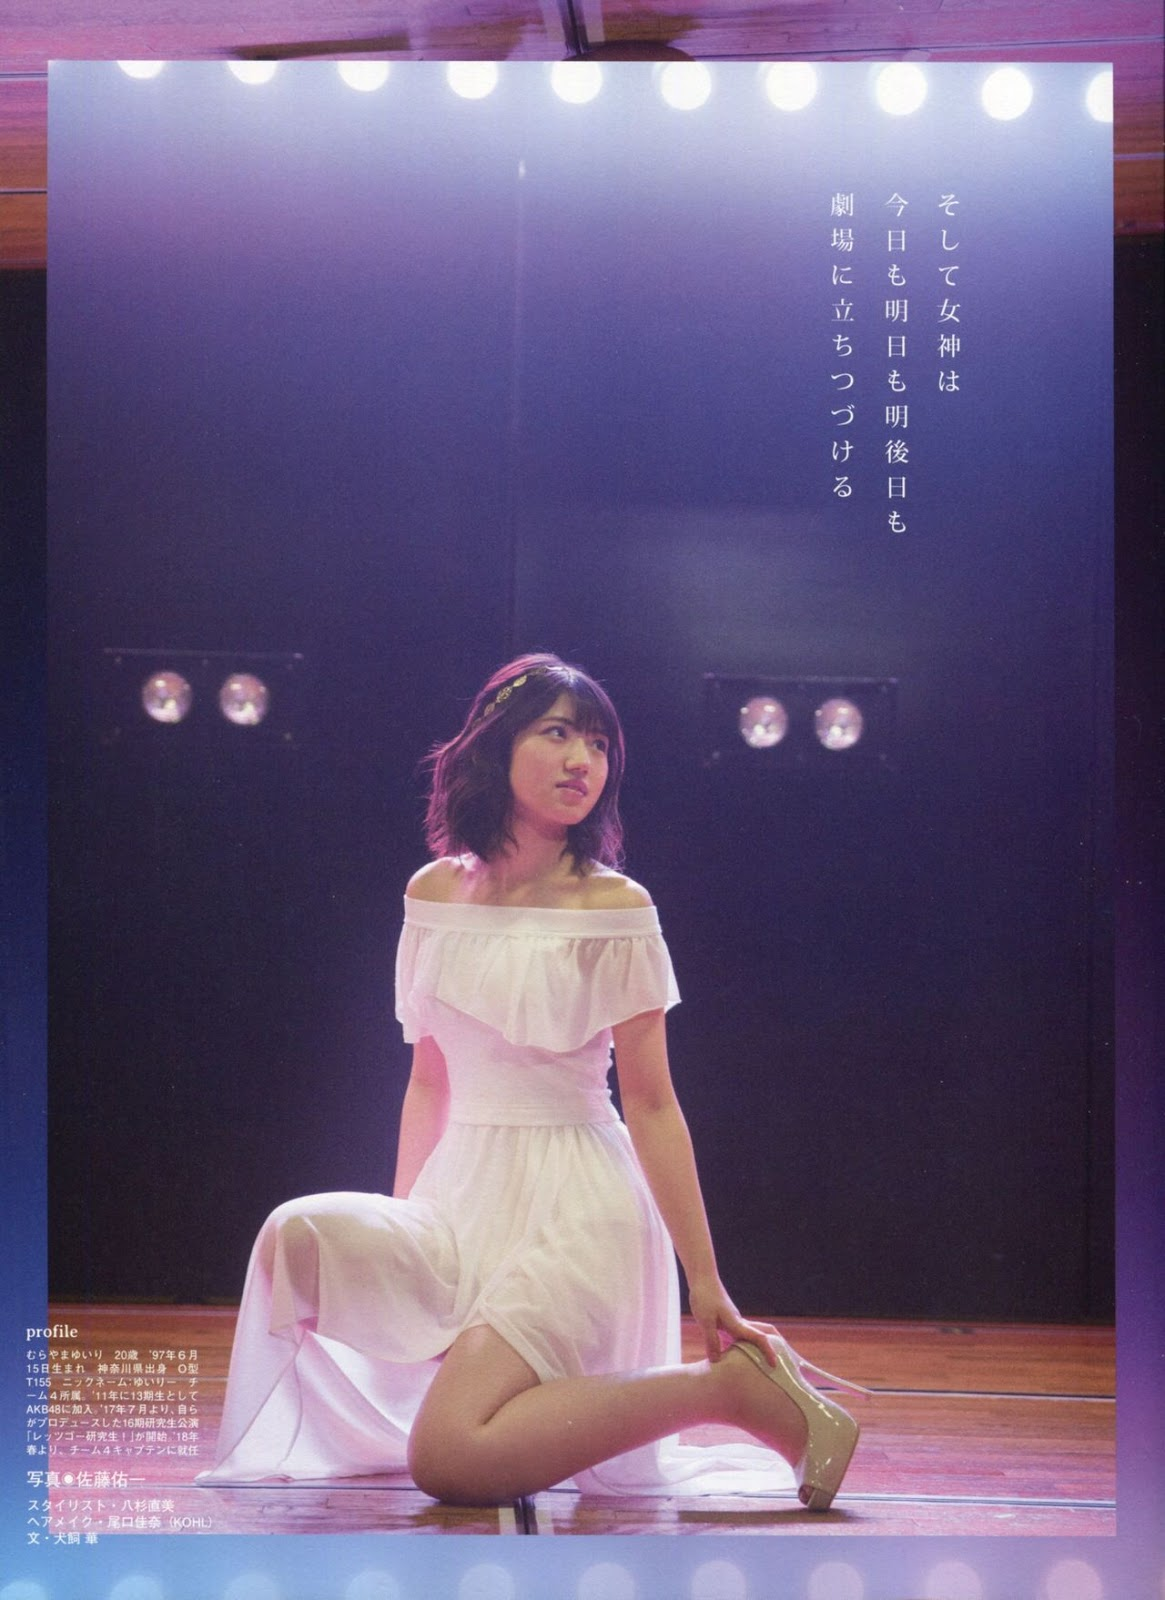 Murayama Yuiri 村山彩希, Platinum FLASH 2018 vol.3 (プラチナフラッシュ 2018 vol.3)